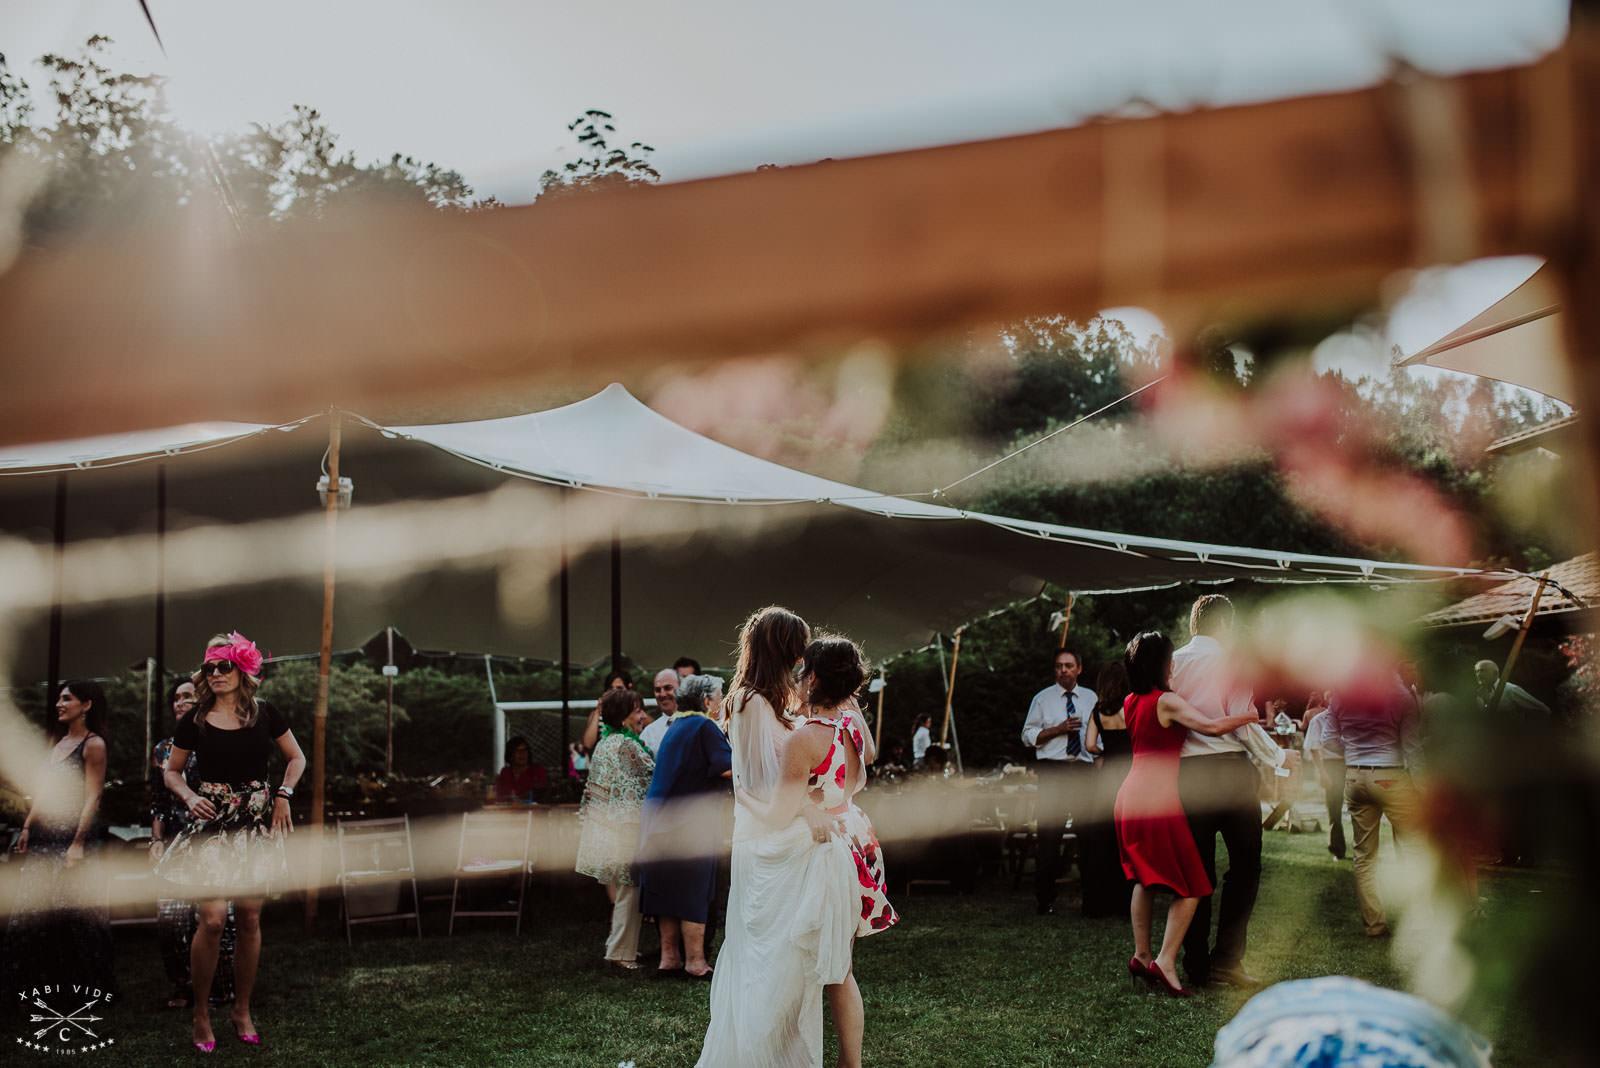 fotografo de bodas en bilbao-159